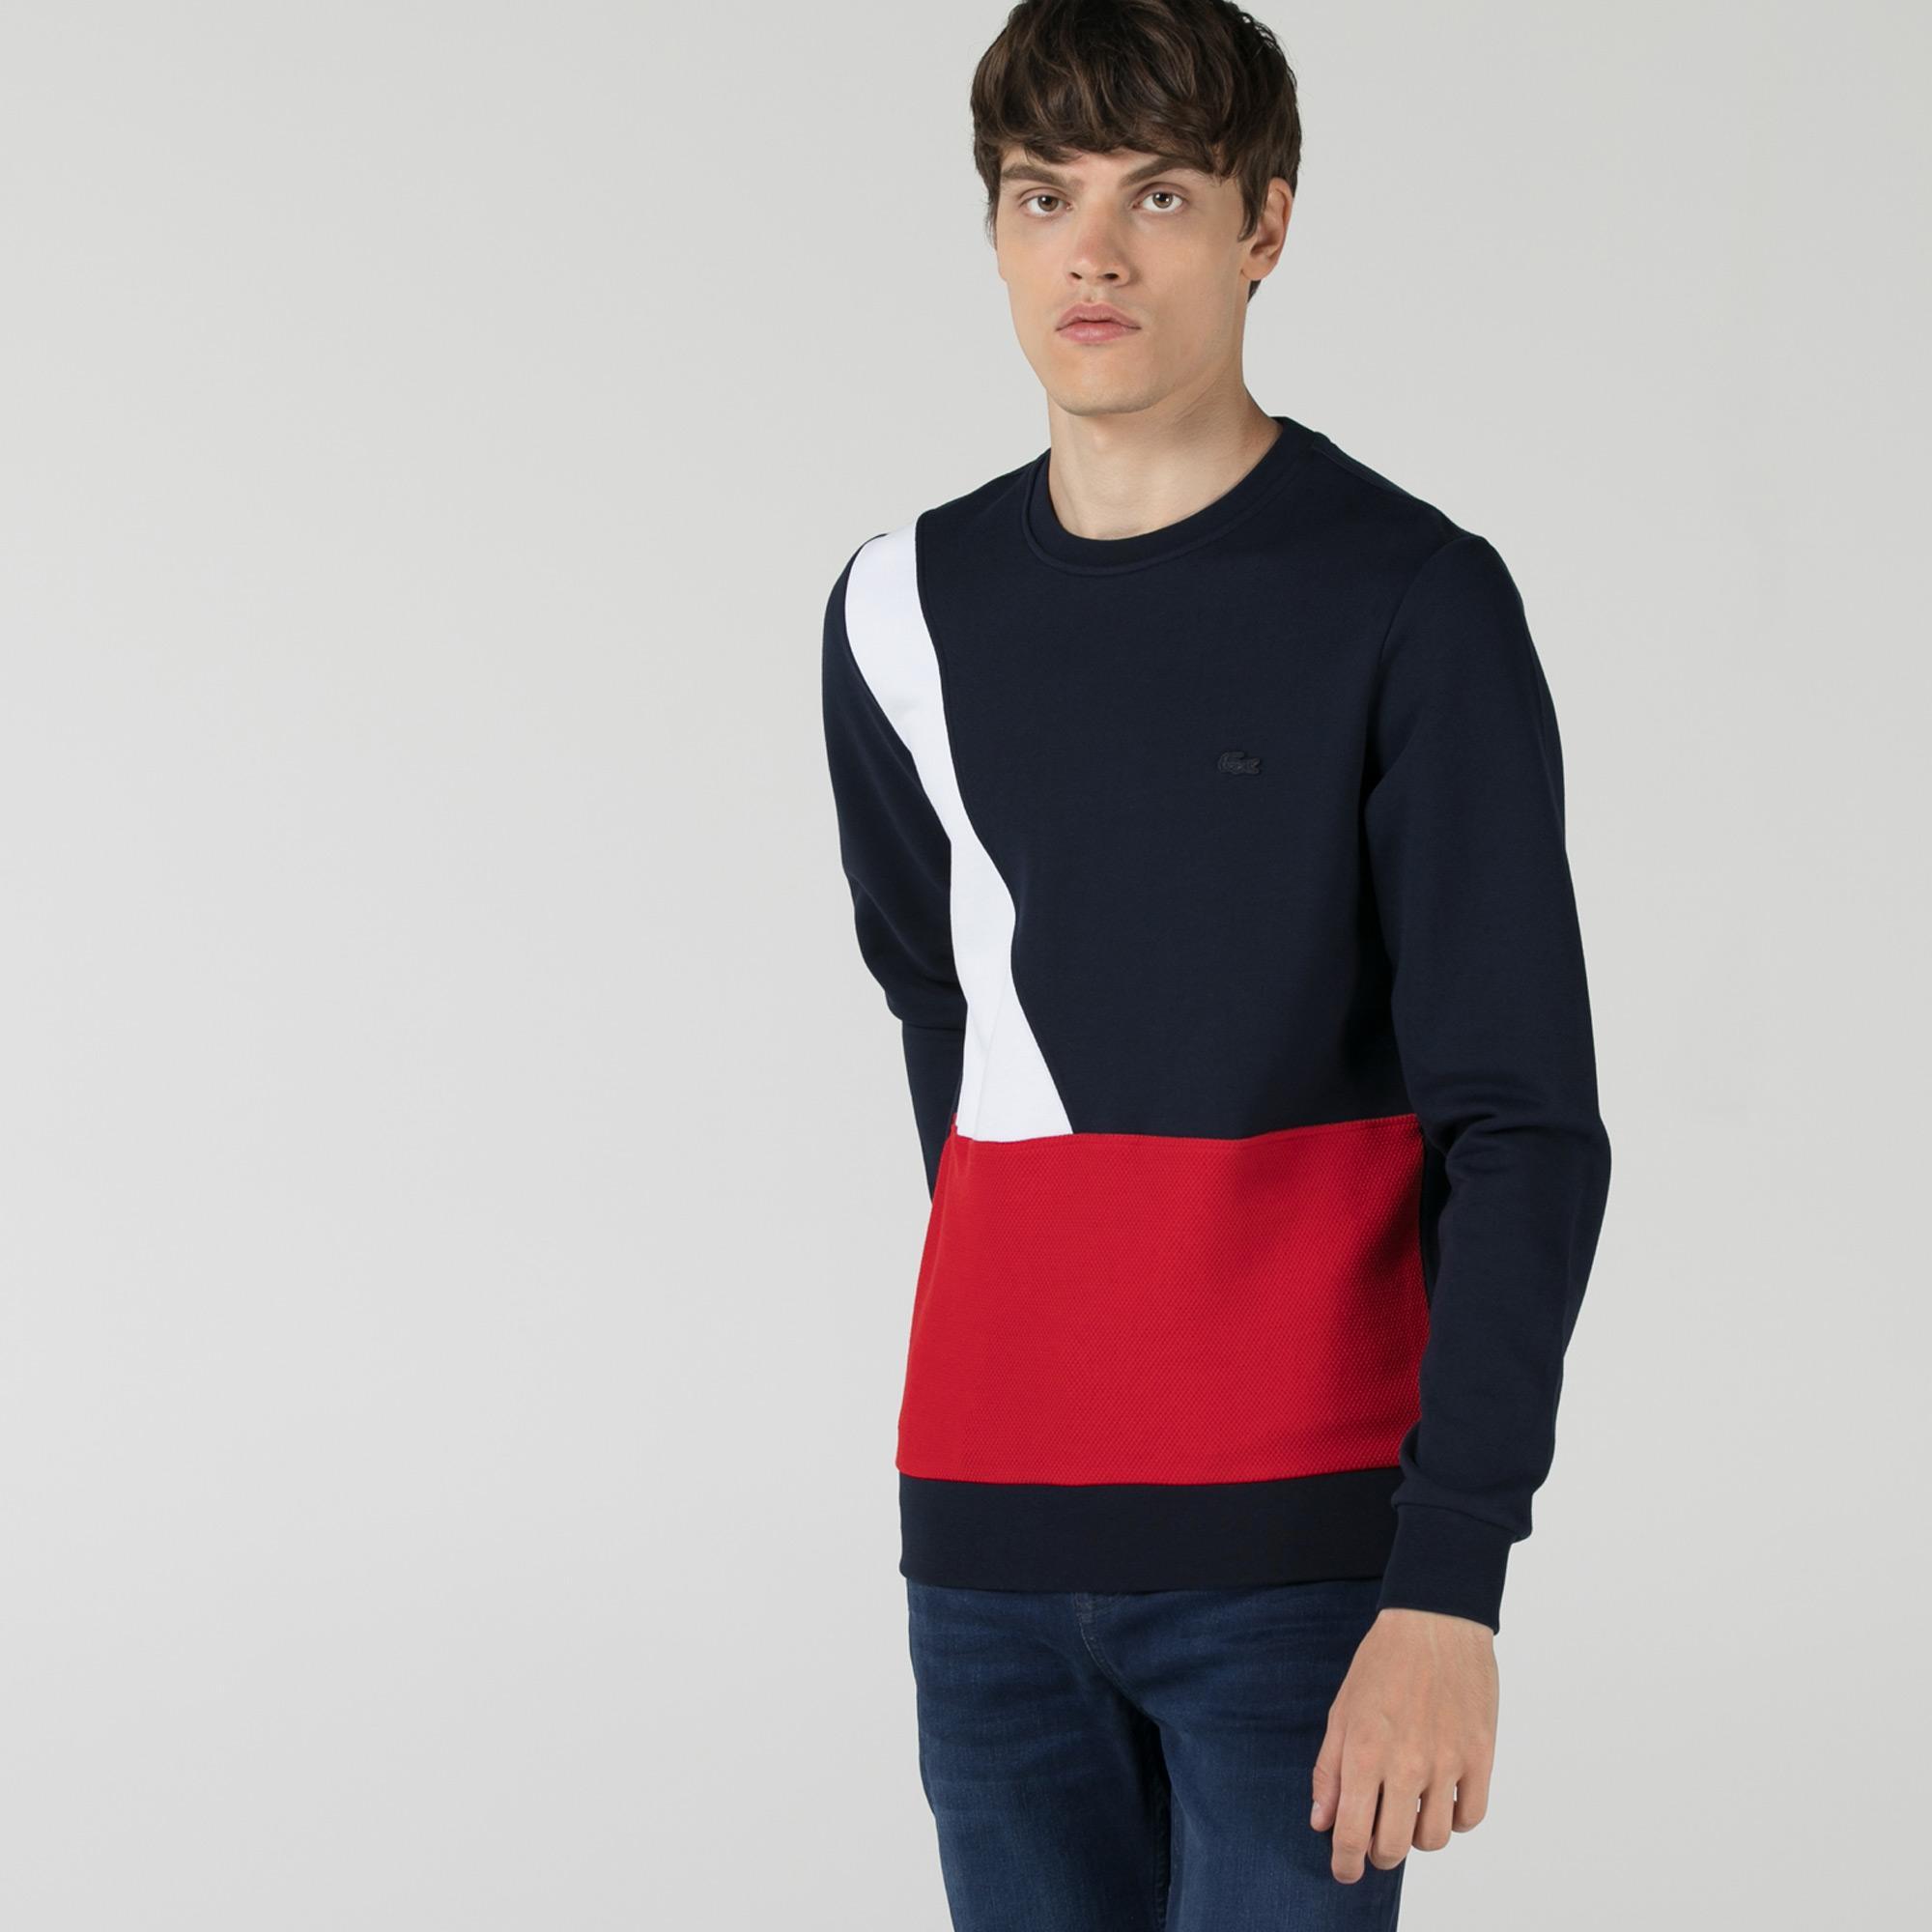 Lacoste Erkek Slim Fit Bisiklet Yaka Renk Bloklu Lacivert Sweatshirt